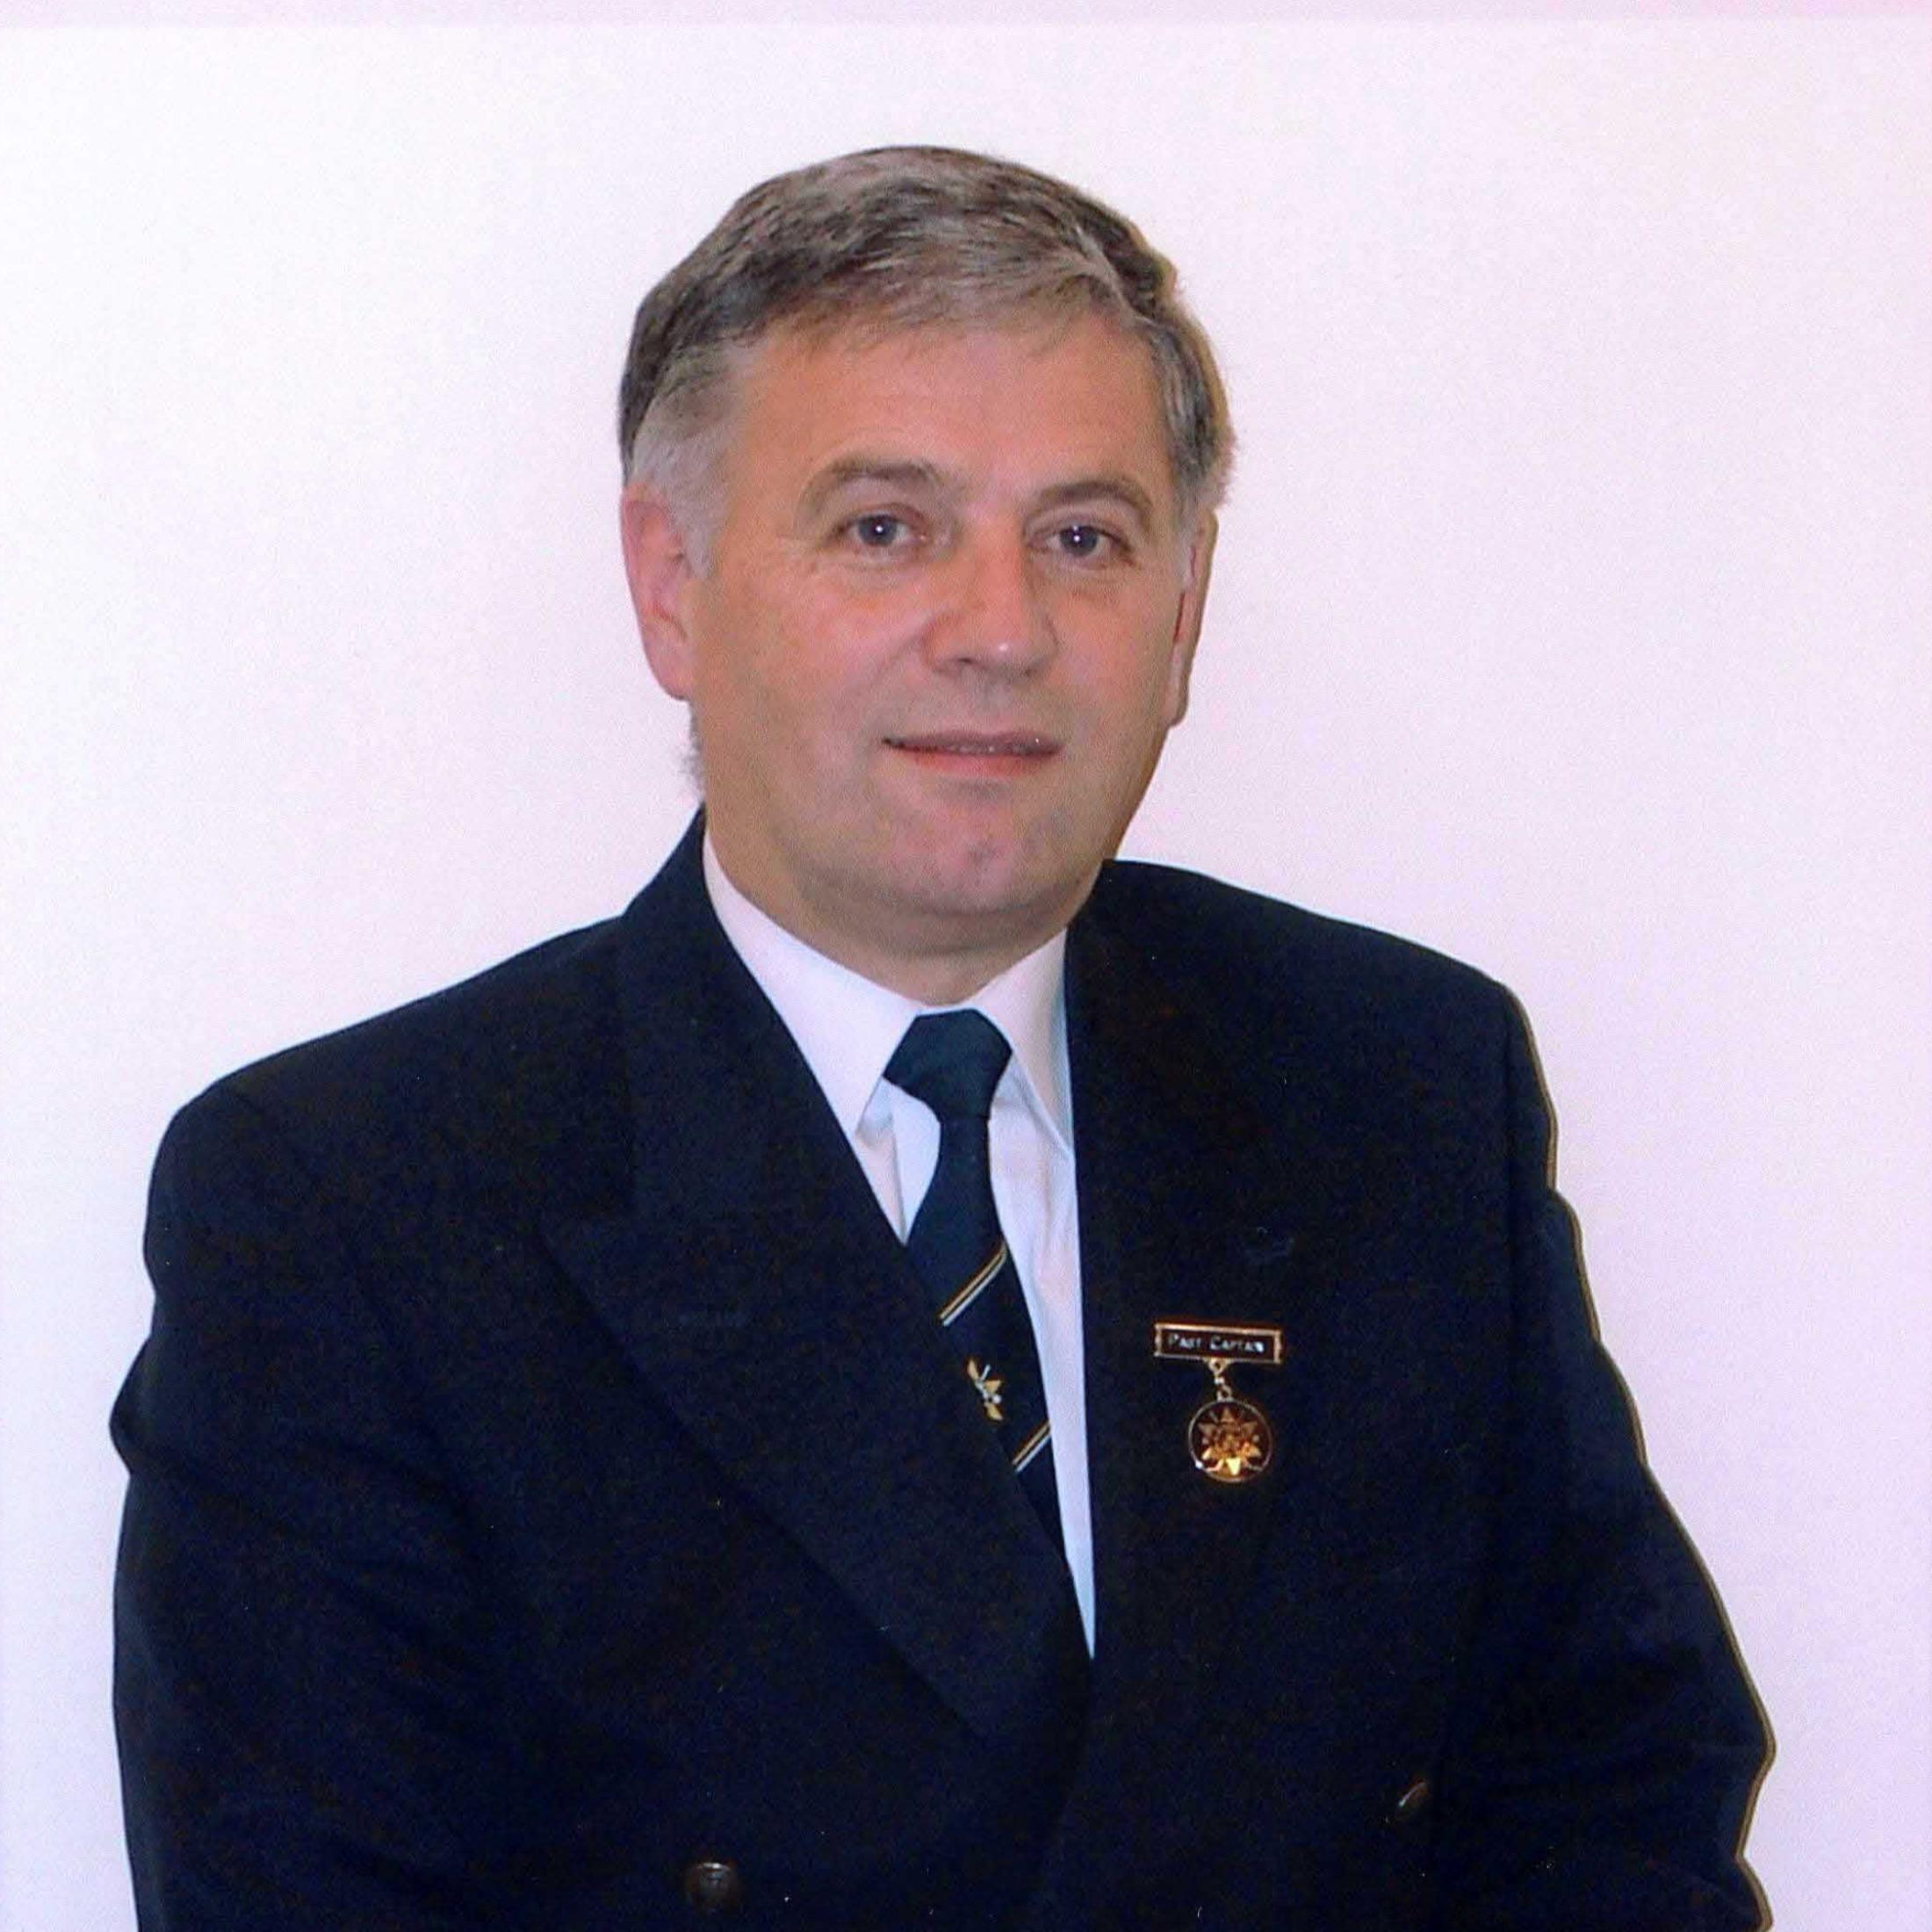 R B Macgregor - 2003-2005